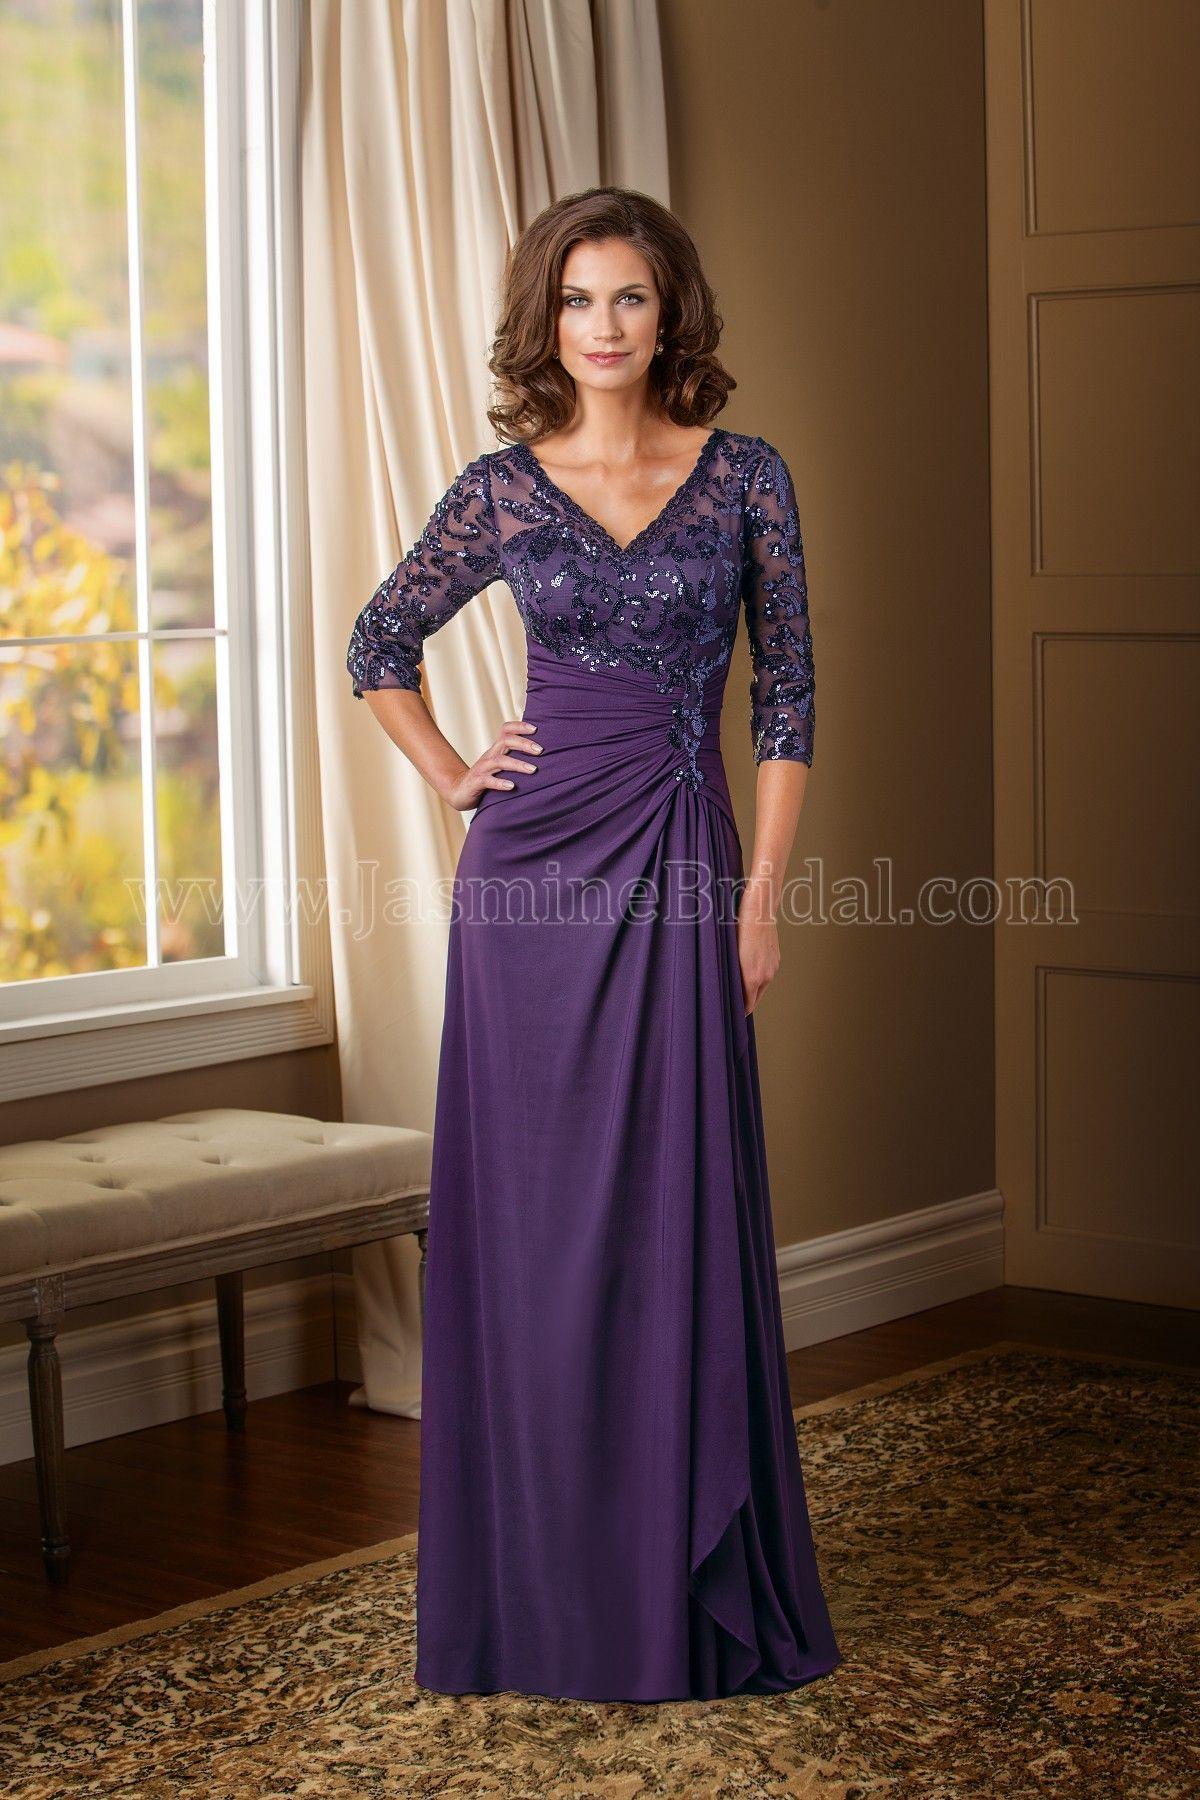 abe20497c9a485ea26c303c76883505d.jpg 1,200×1,800 pixels | vestidos ...